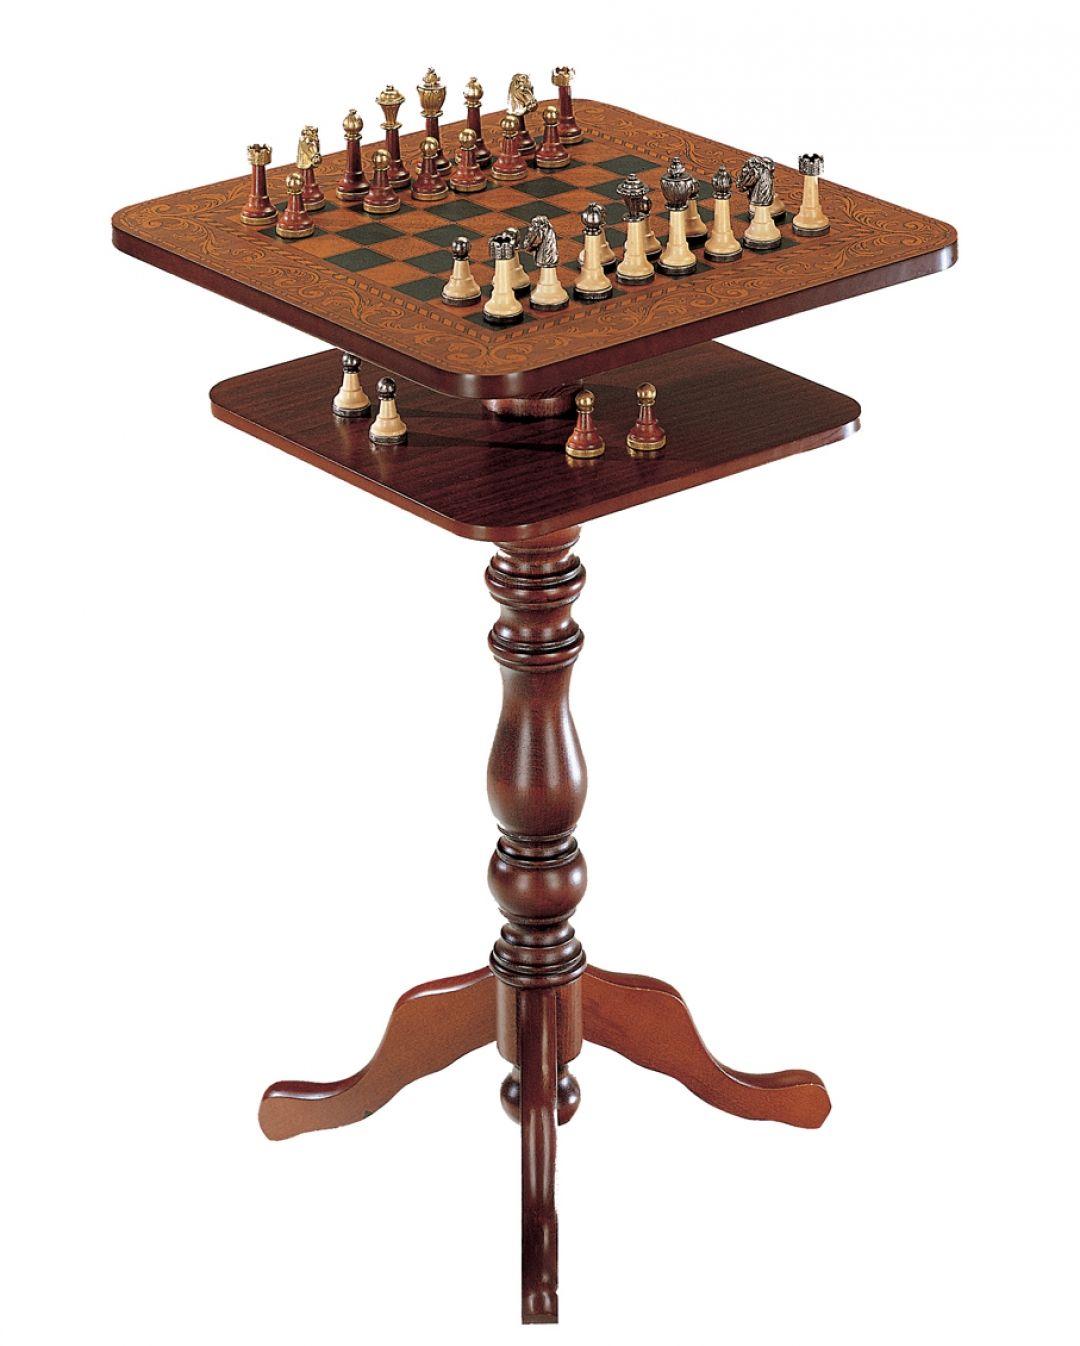 quadratischer tisch schachdie m bel aus italien. Black Bedroom Furniture Sets. Home Design Ideas